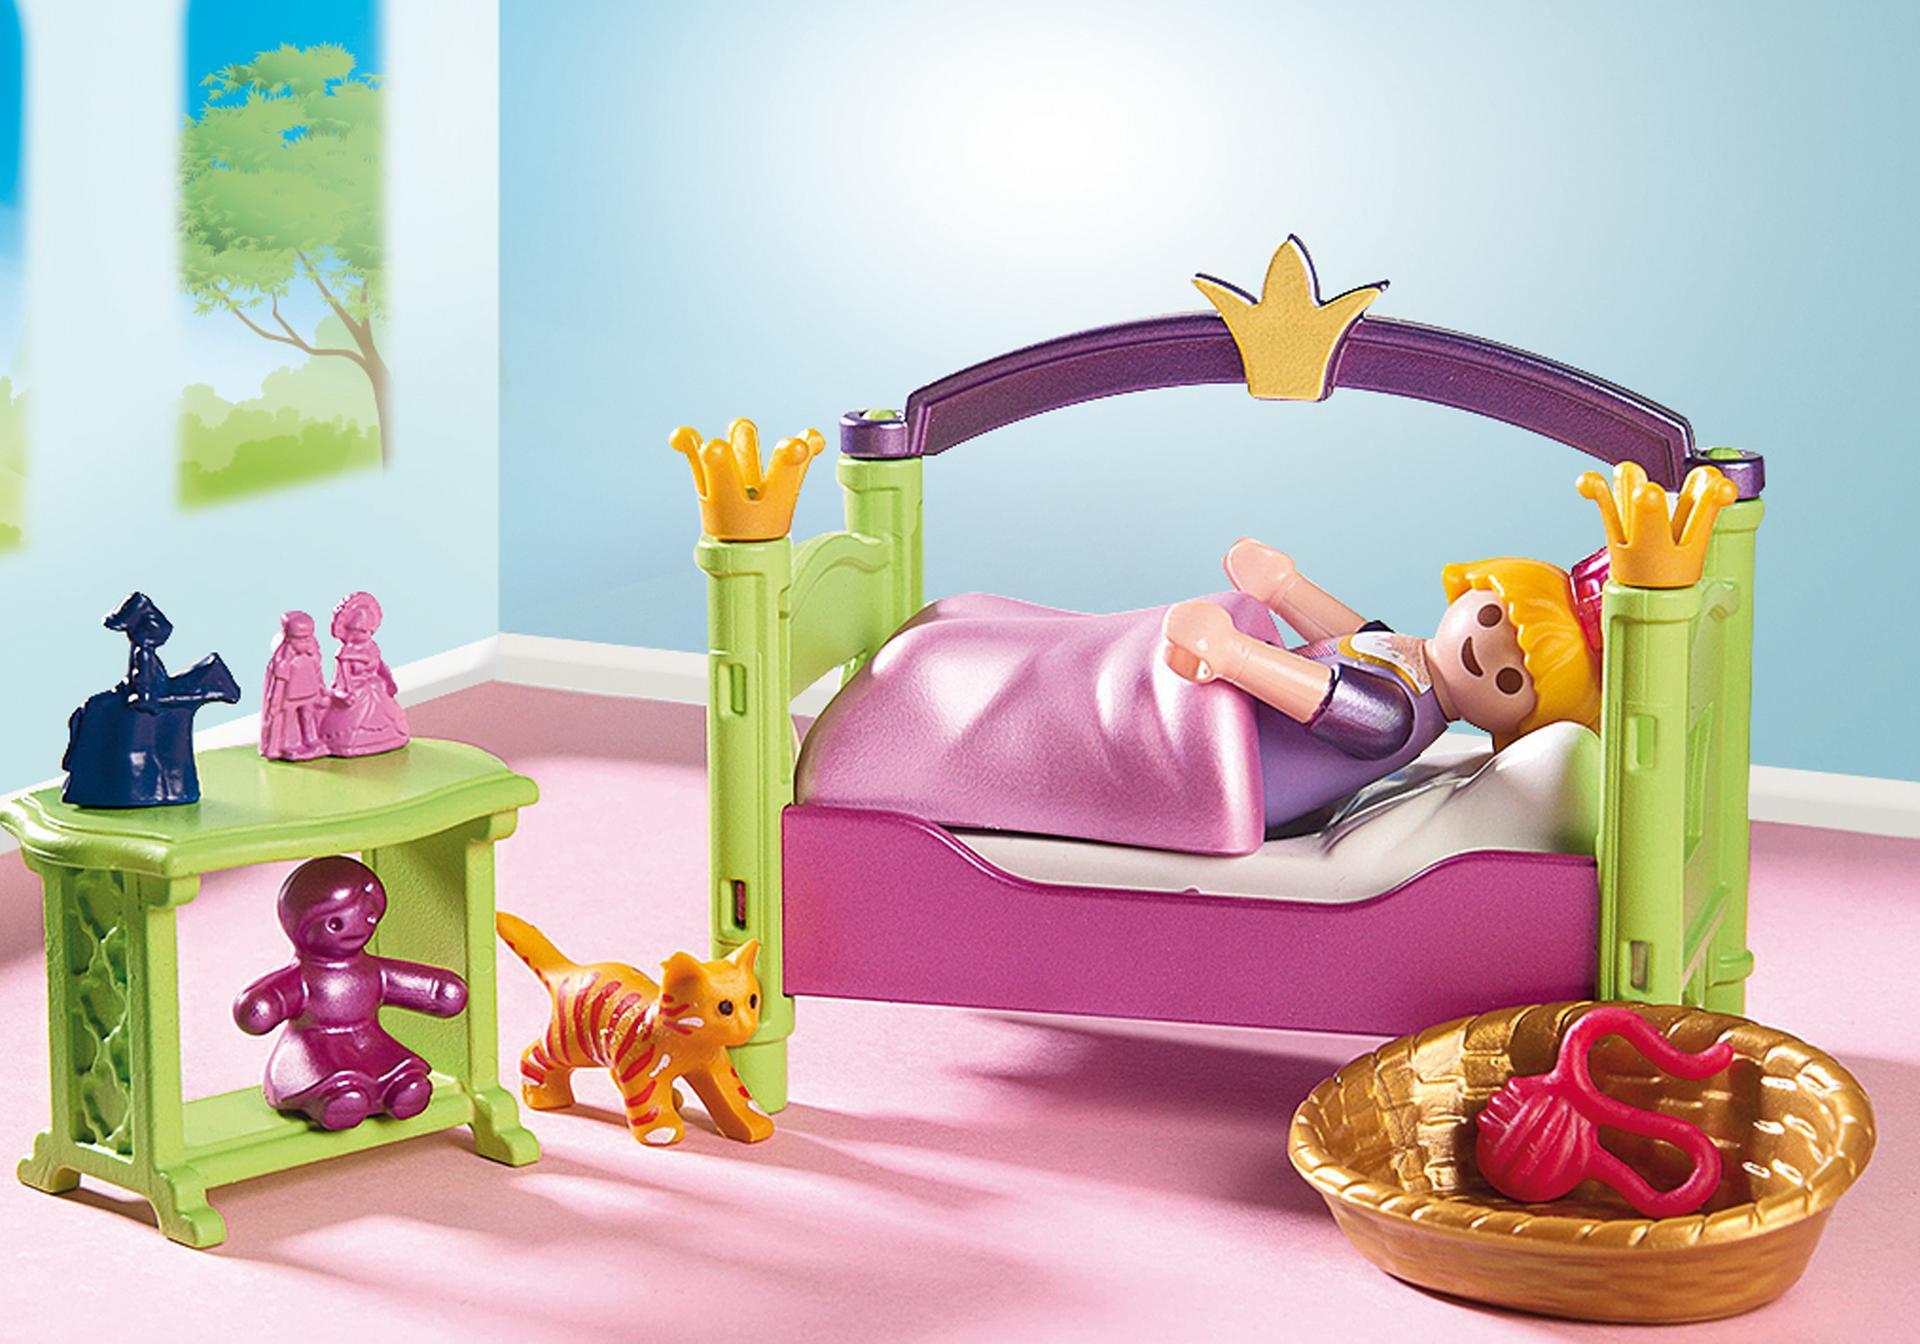 prinzessinnen kinderzimmer 6852 playmobil deutschland. Black Bedroom Furniture Sets. Home Design Ideas